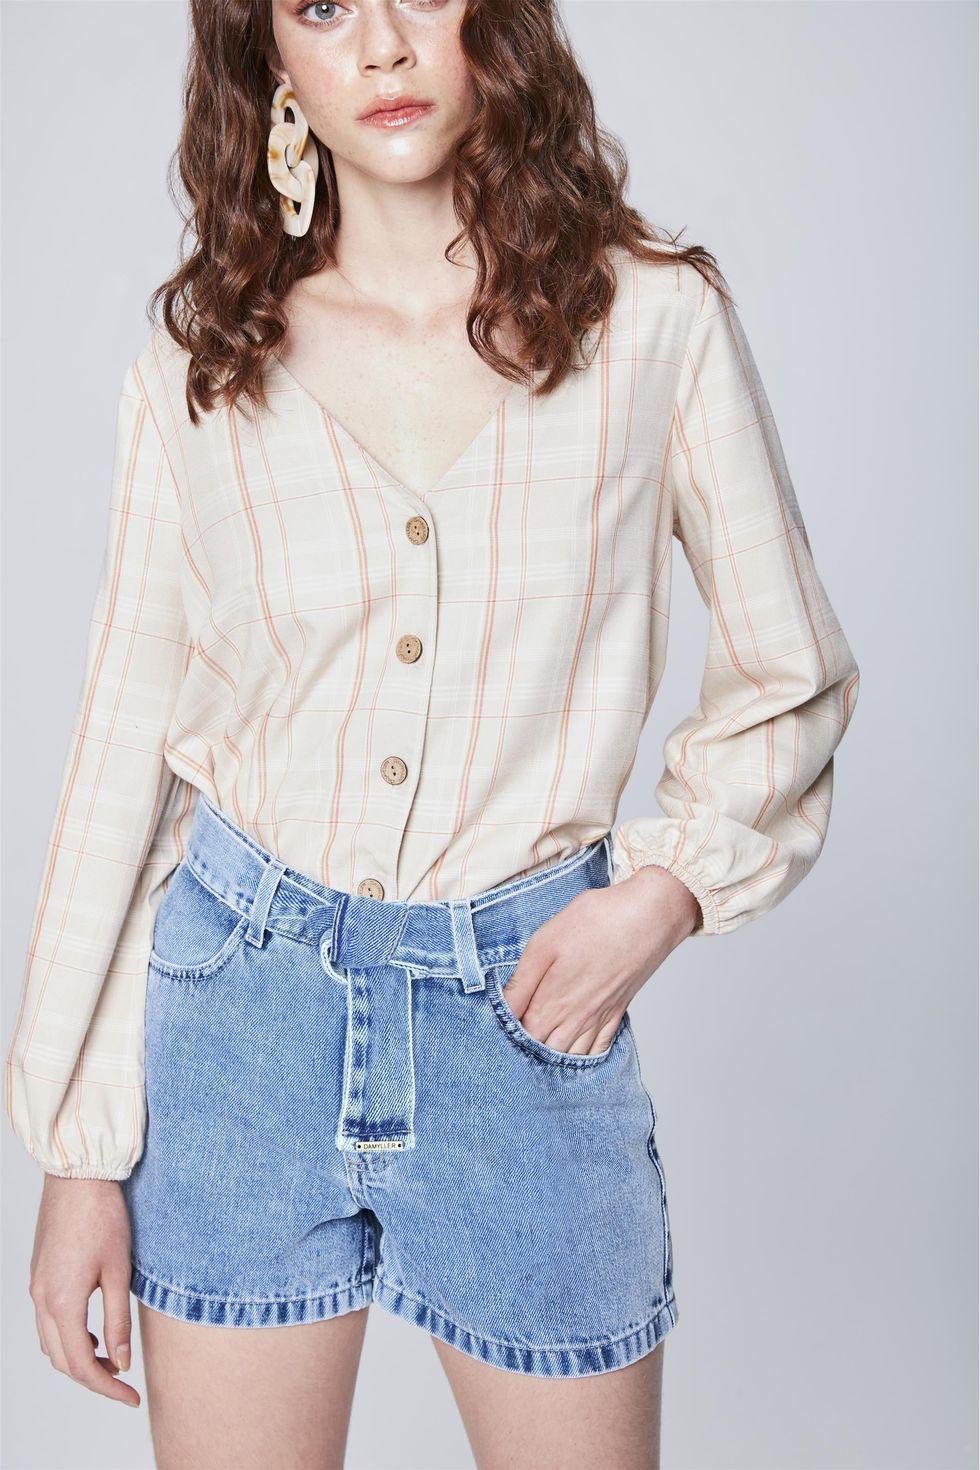 Short-Jeans-com-Cinto-Feminino-Frente--